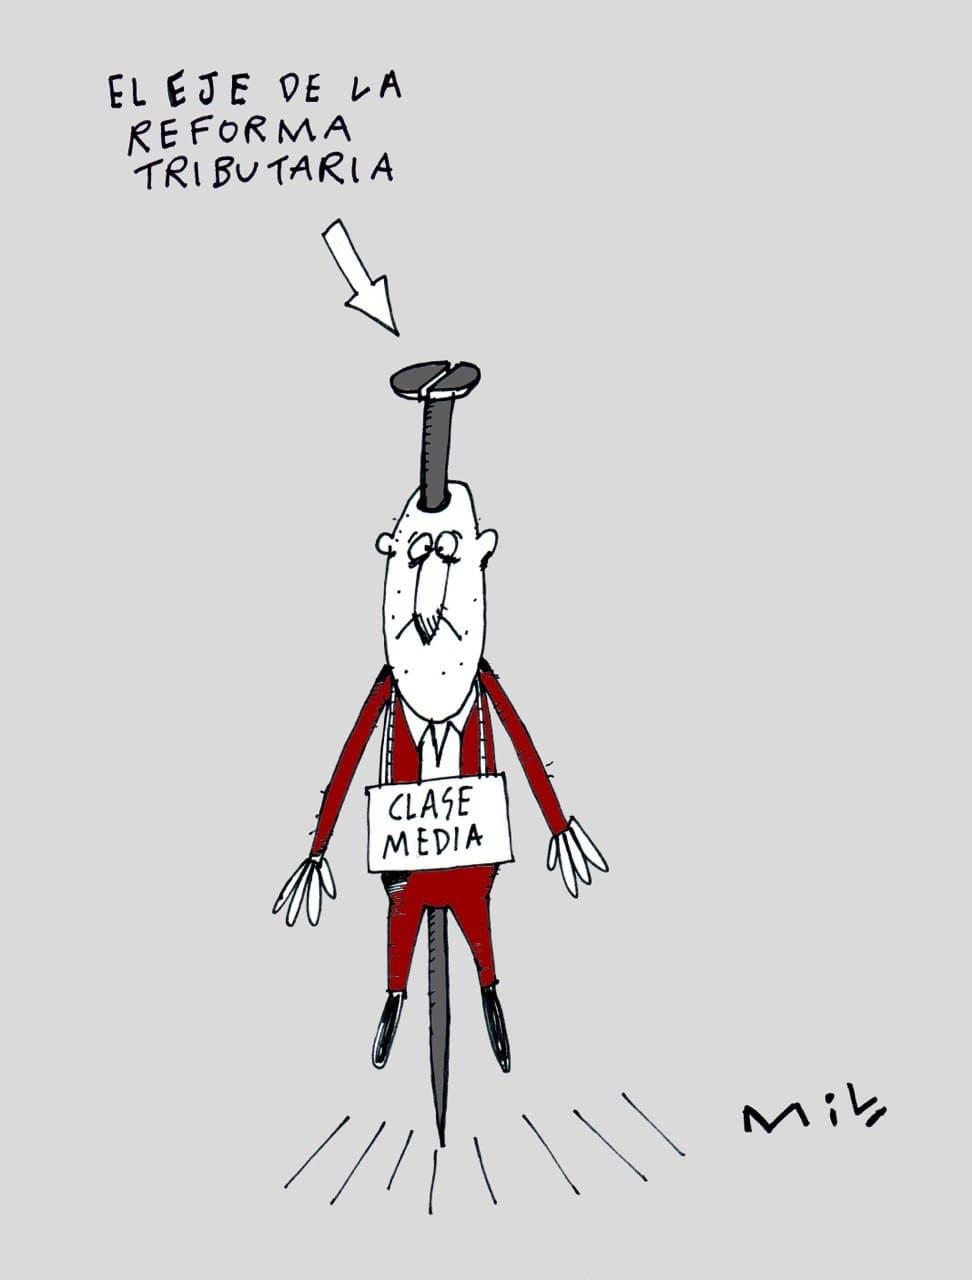 El eje de la reforma tributaria - #Caricatua7días 1